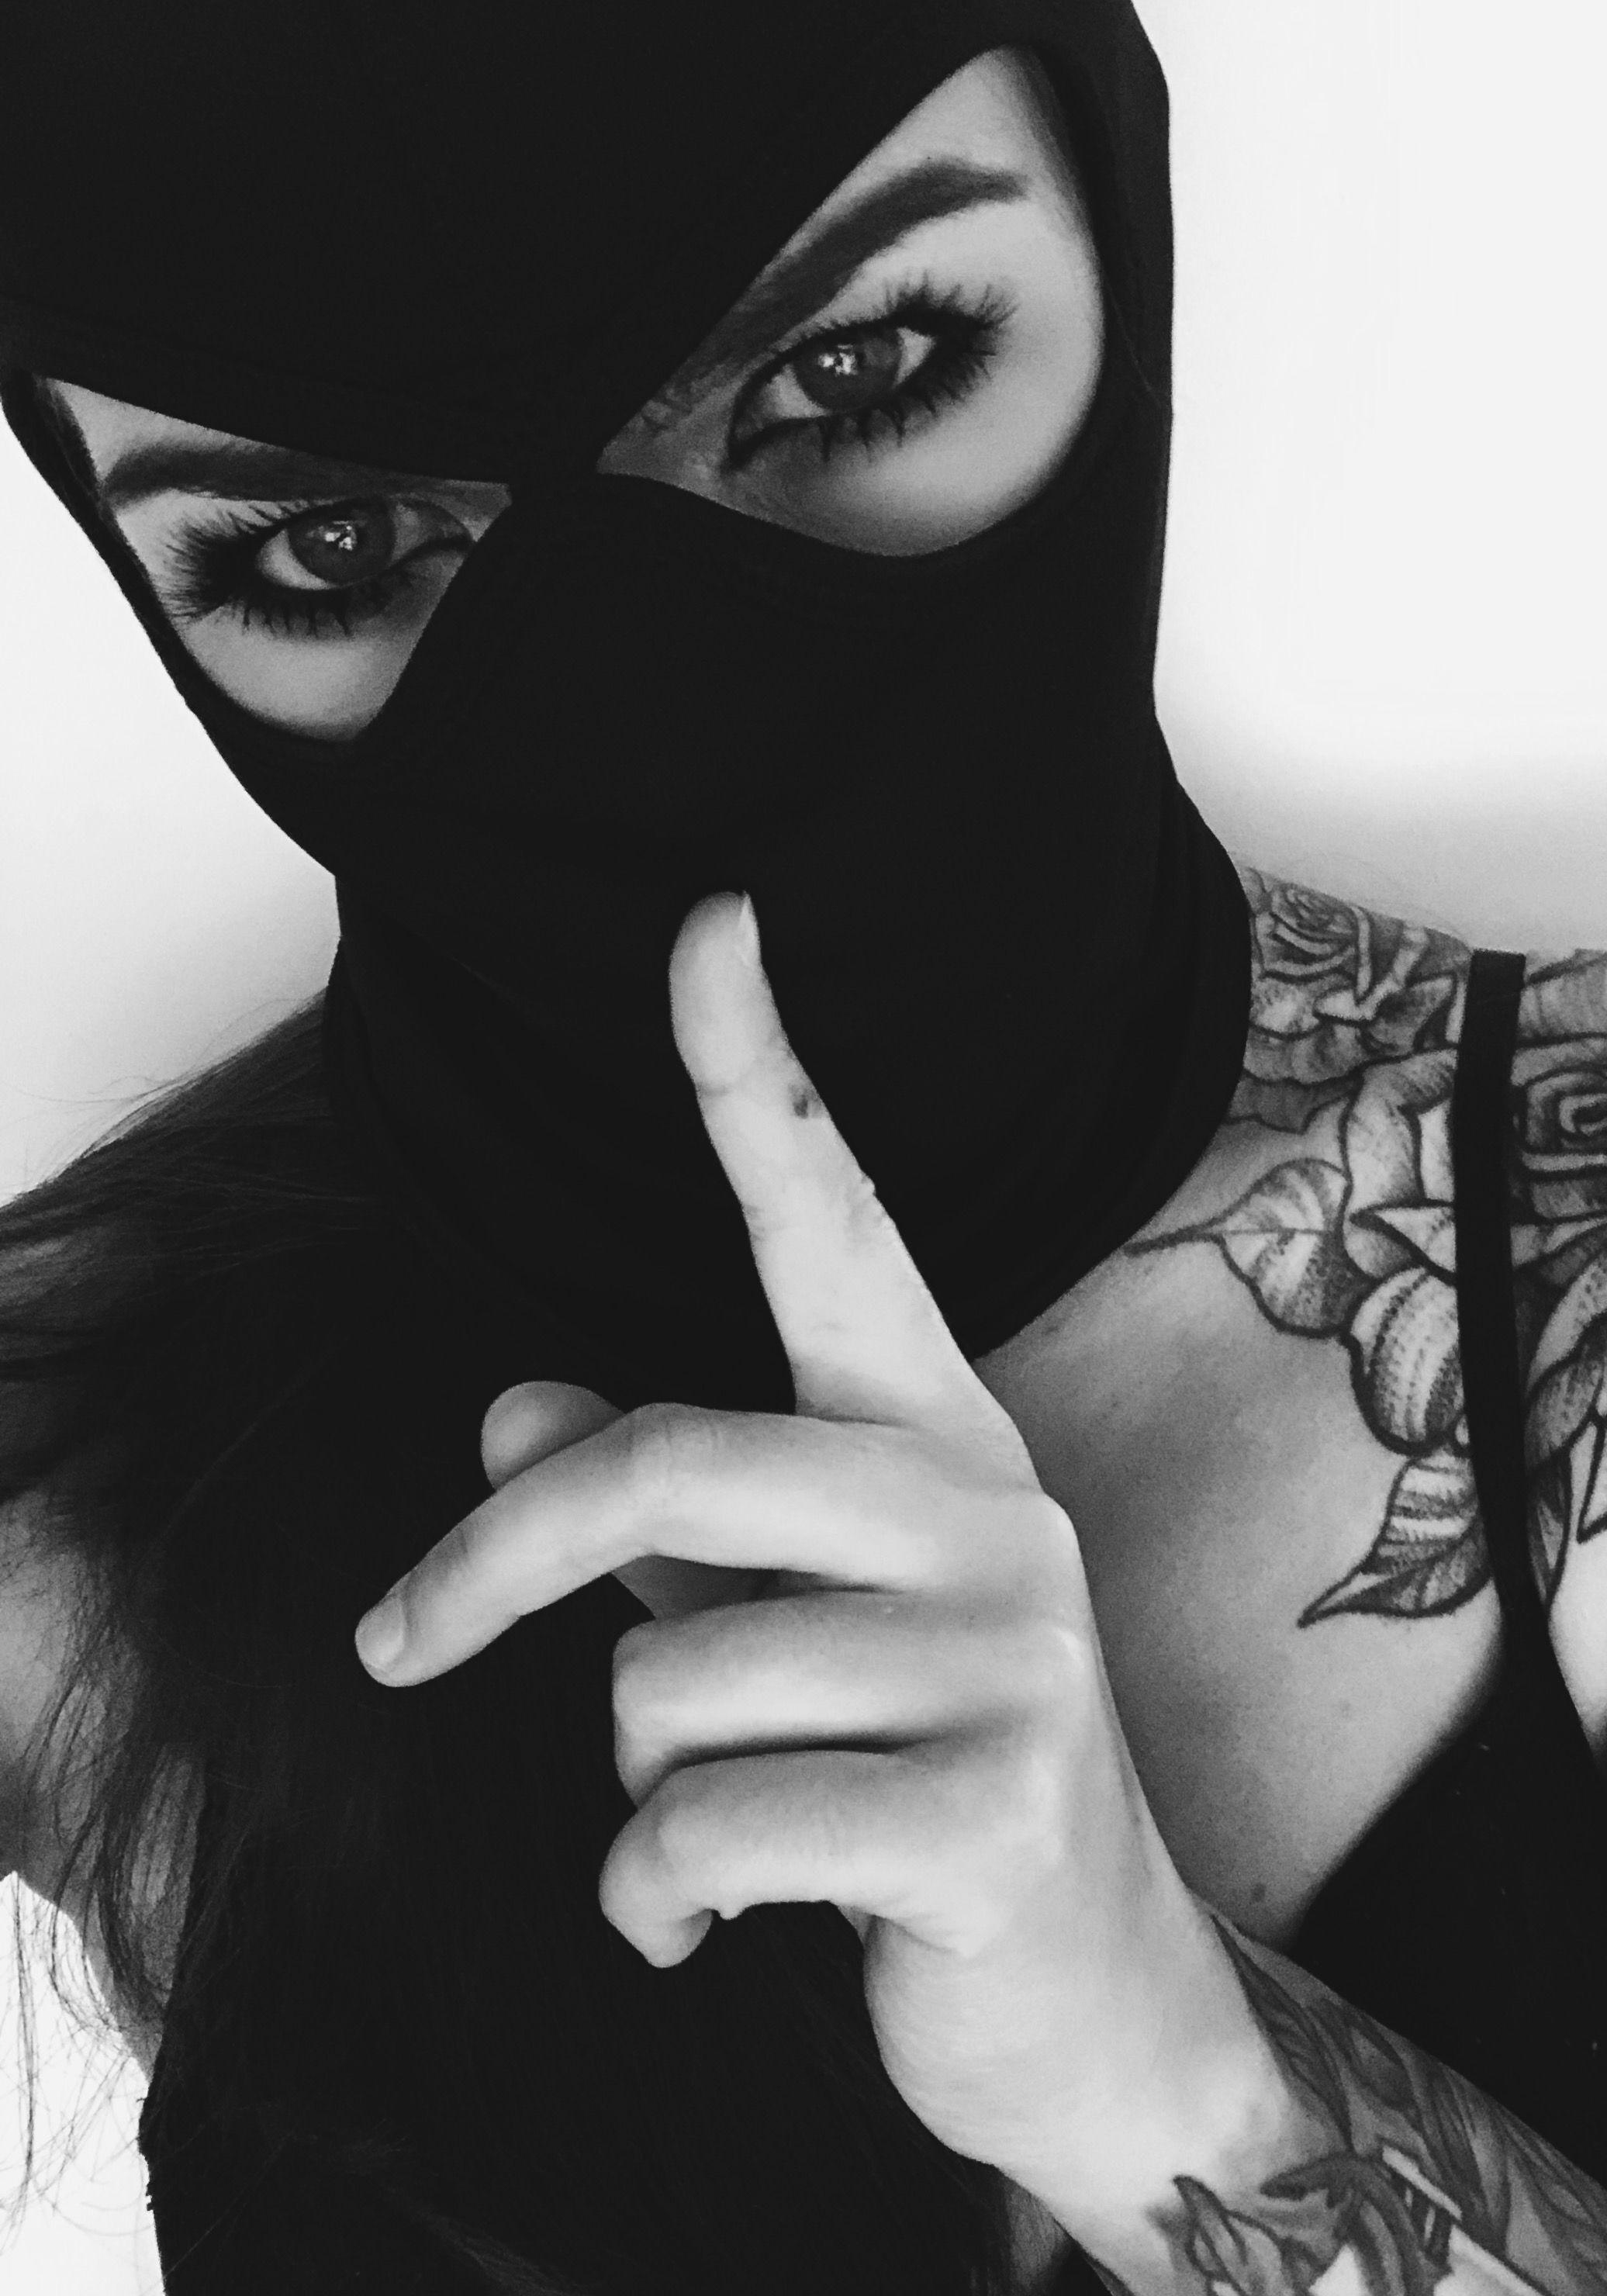 inked balaclava tattoo inkedgirl Inked girls